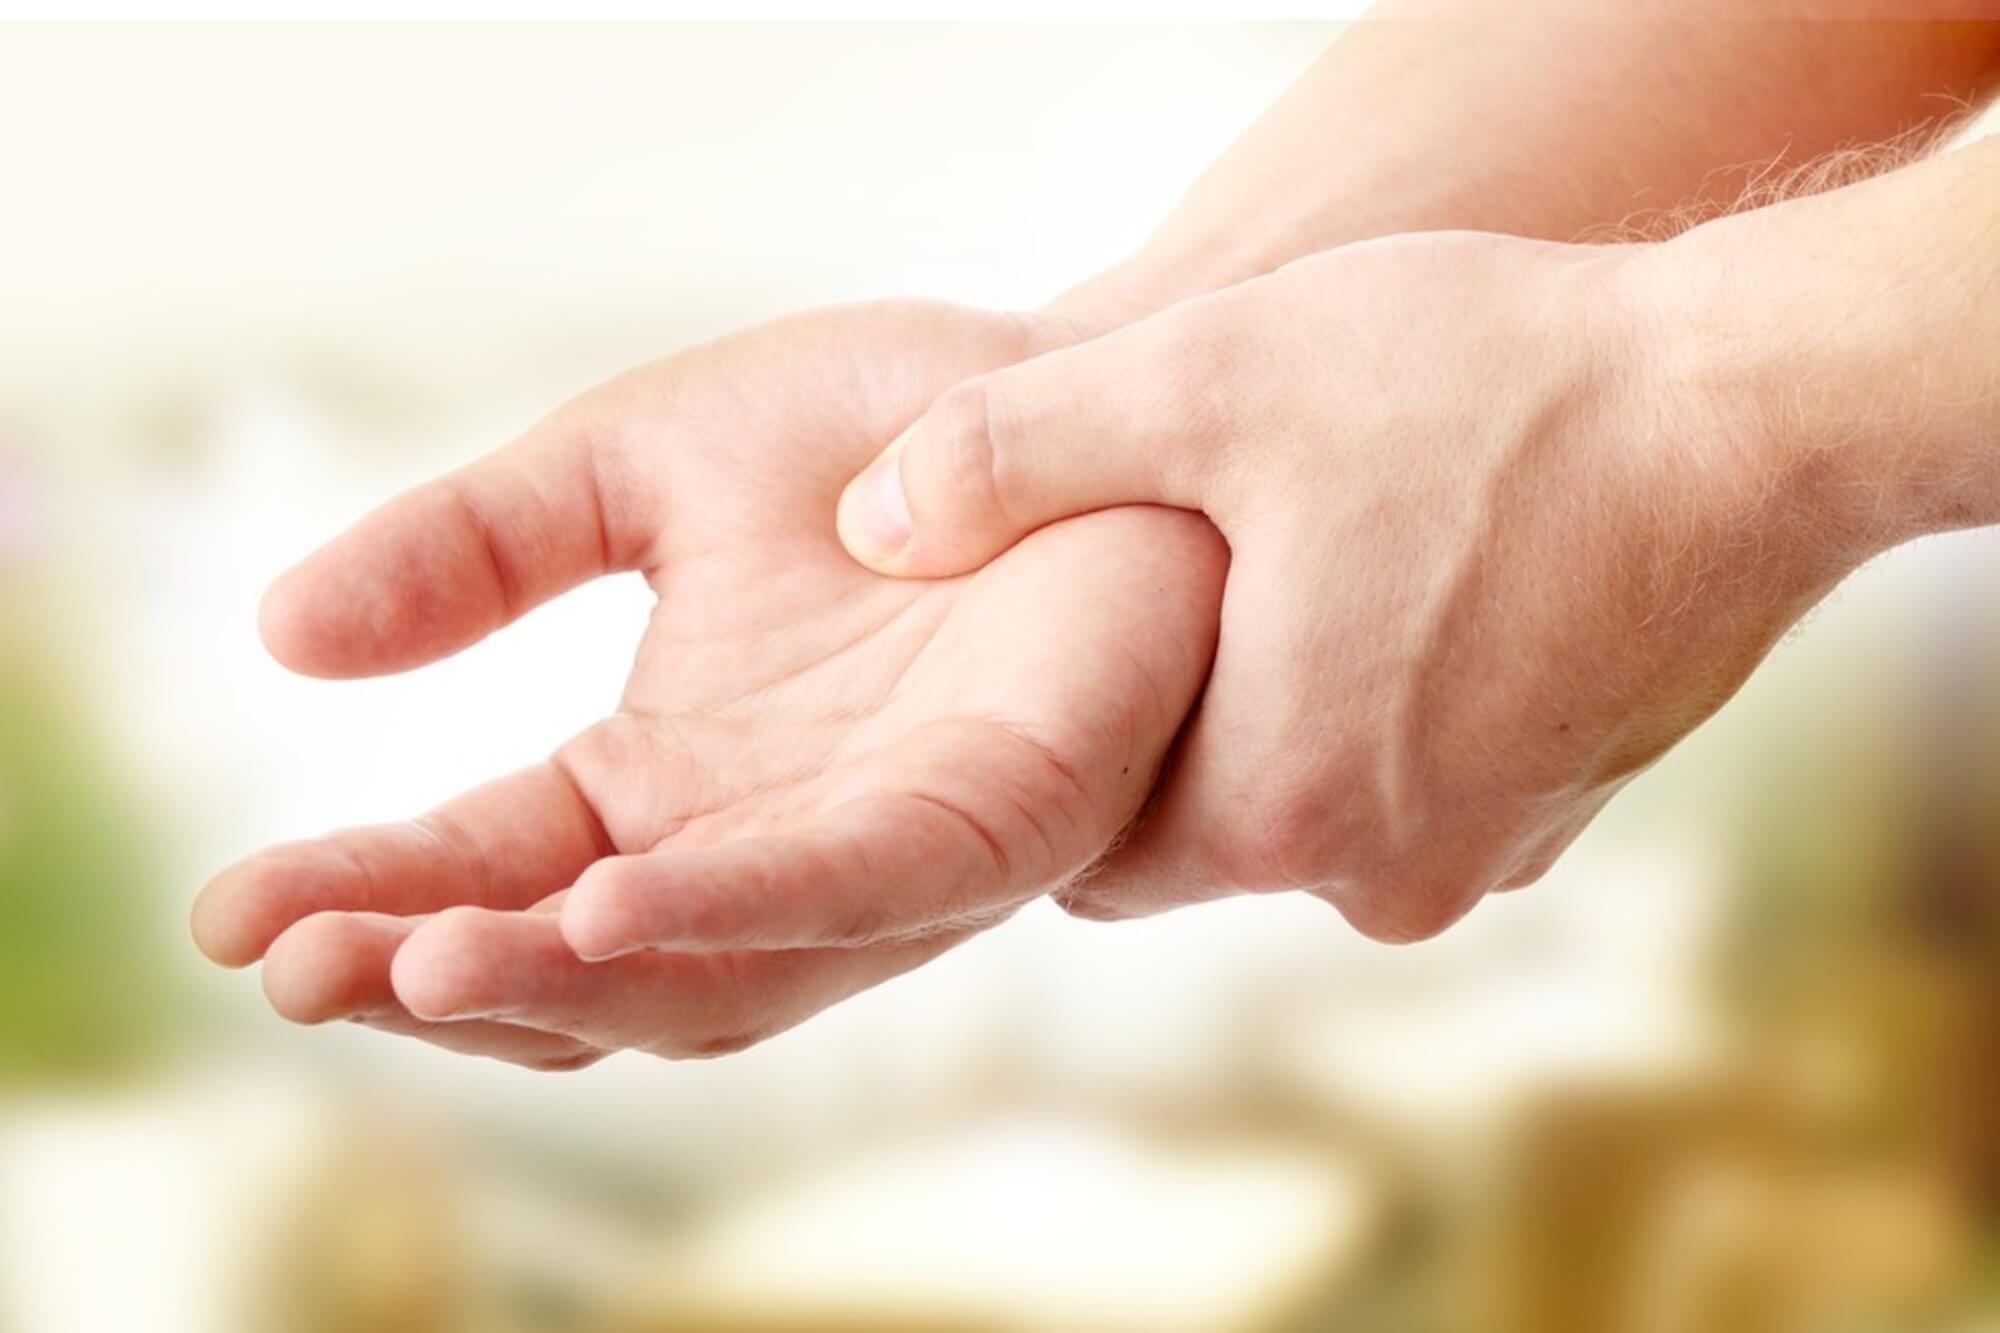 az ujjak ízületeinek fájdalom gyógyszeres kezelése csípő diszlokáció fájdalma